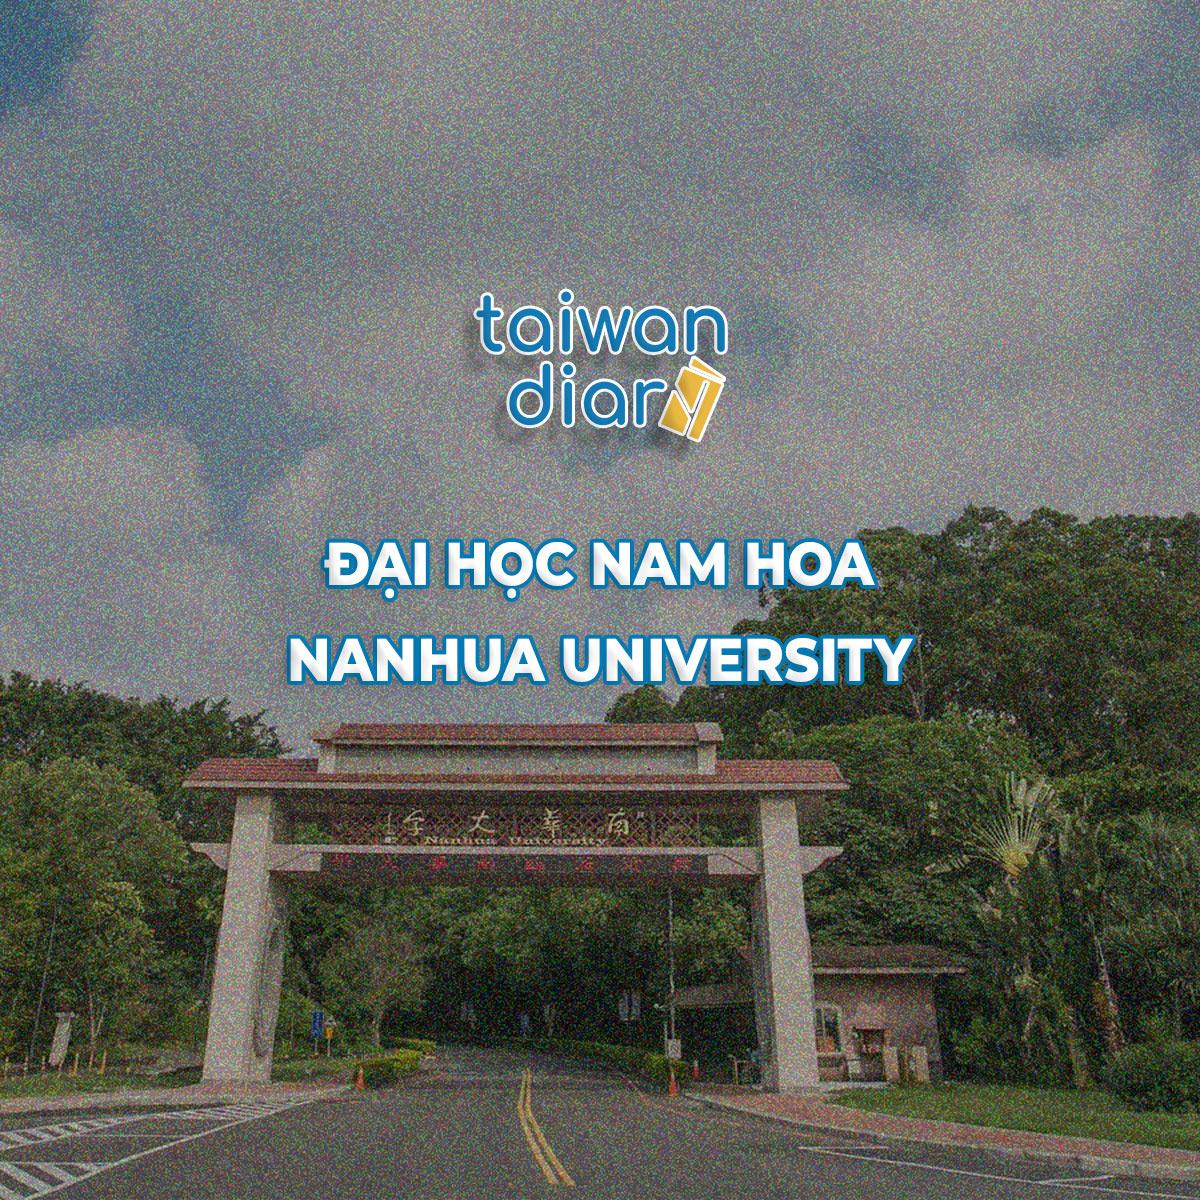 dai hoc nam hoa (6)